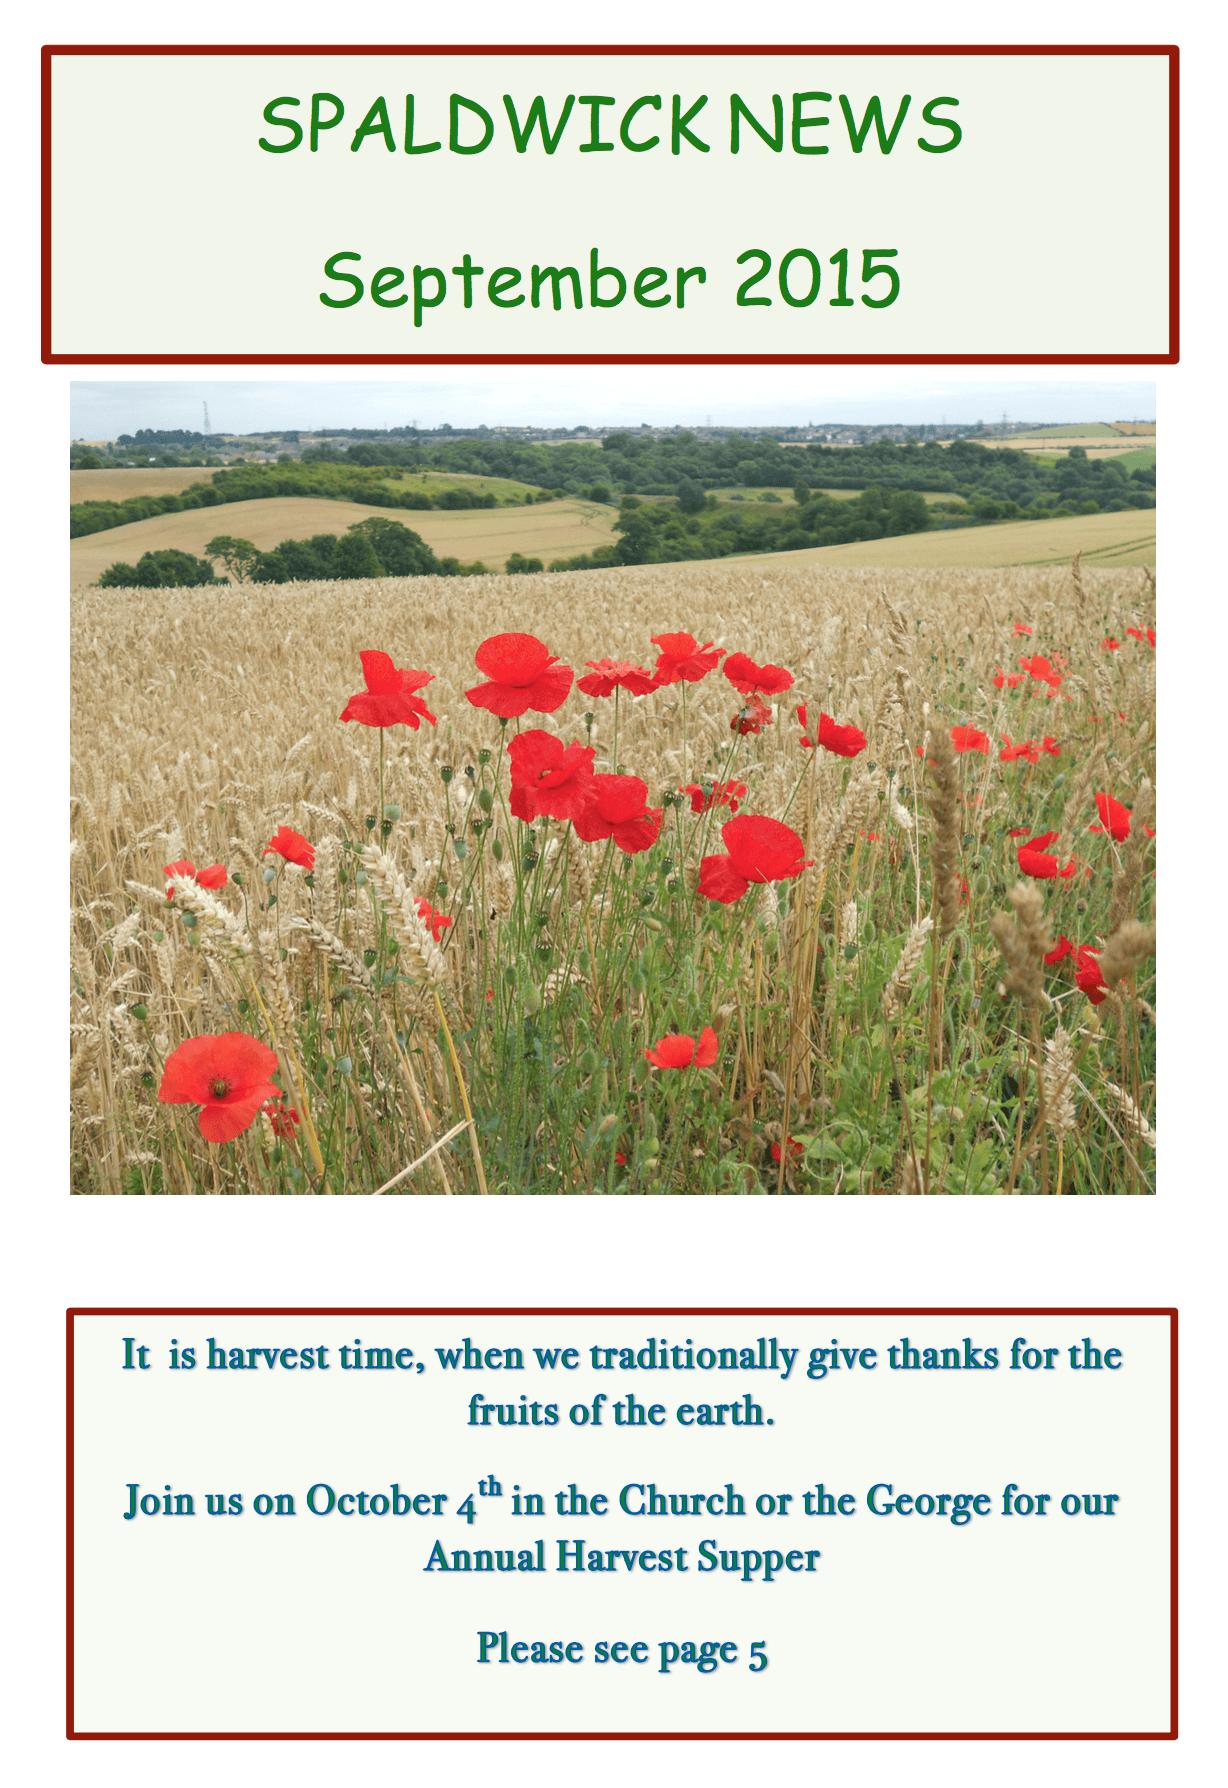 Spaldwick News for September